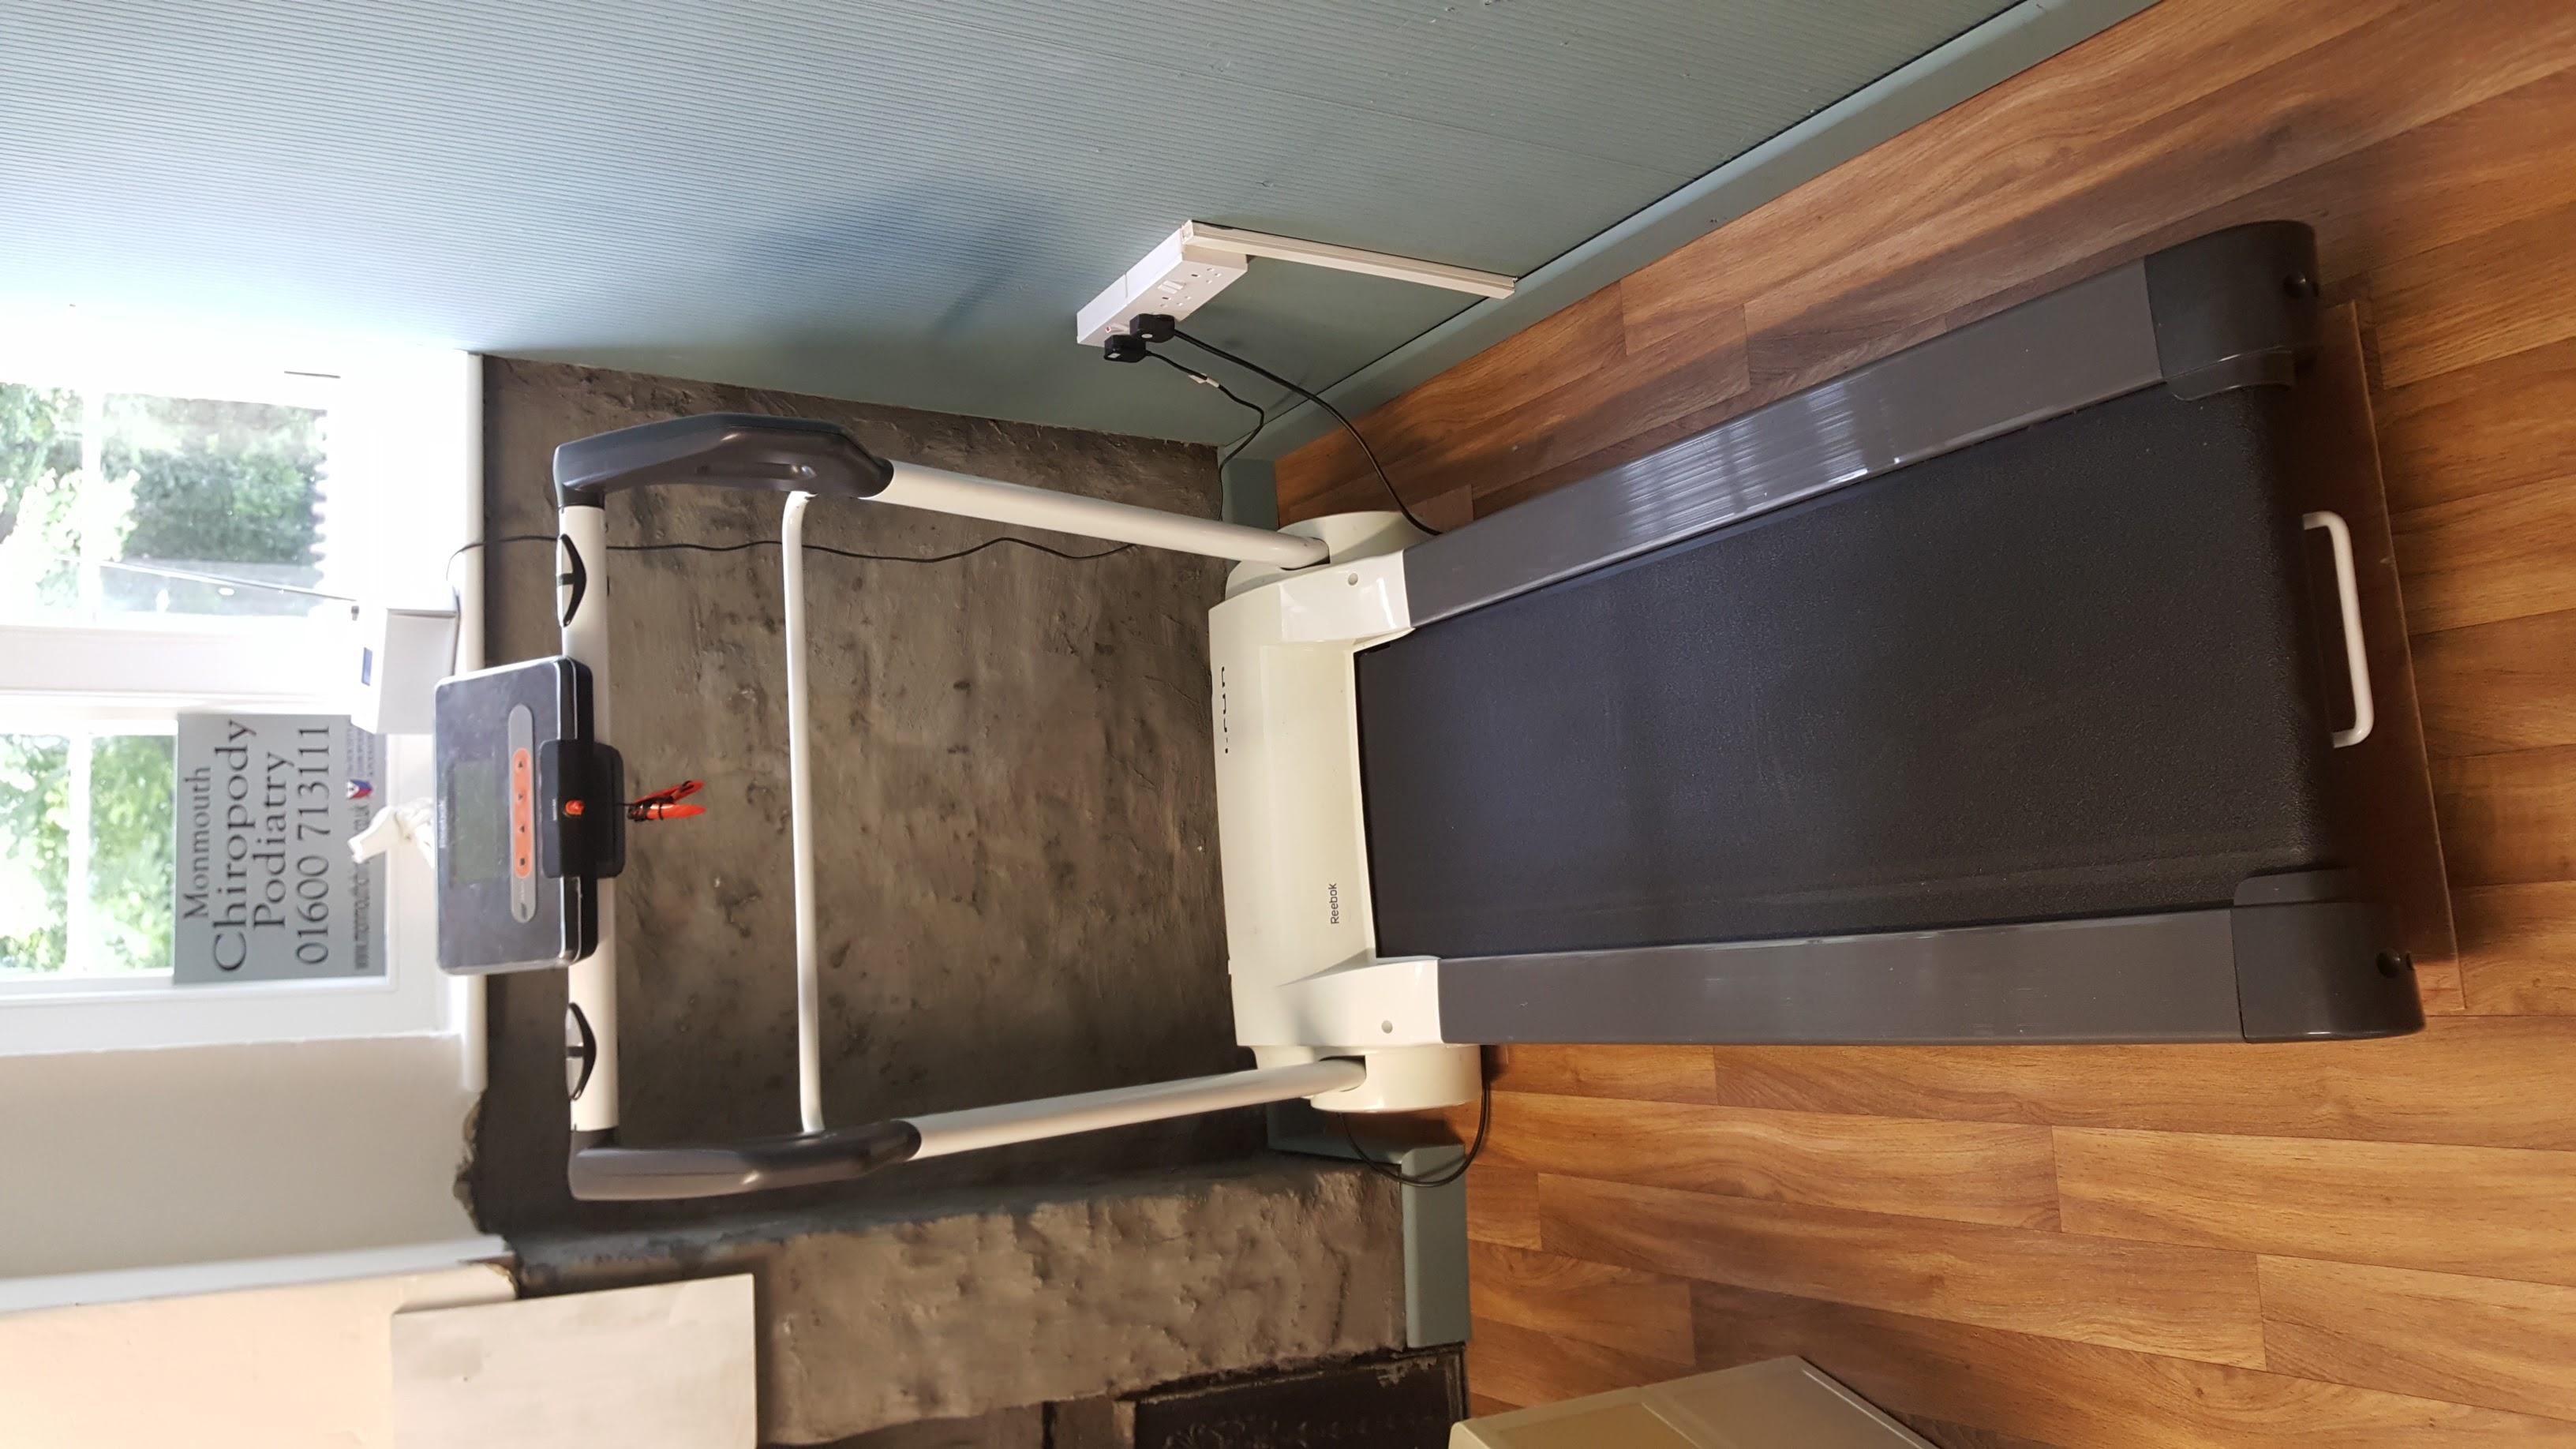 Monmouth Podiatry treadmill